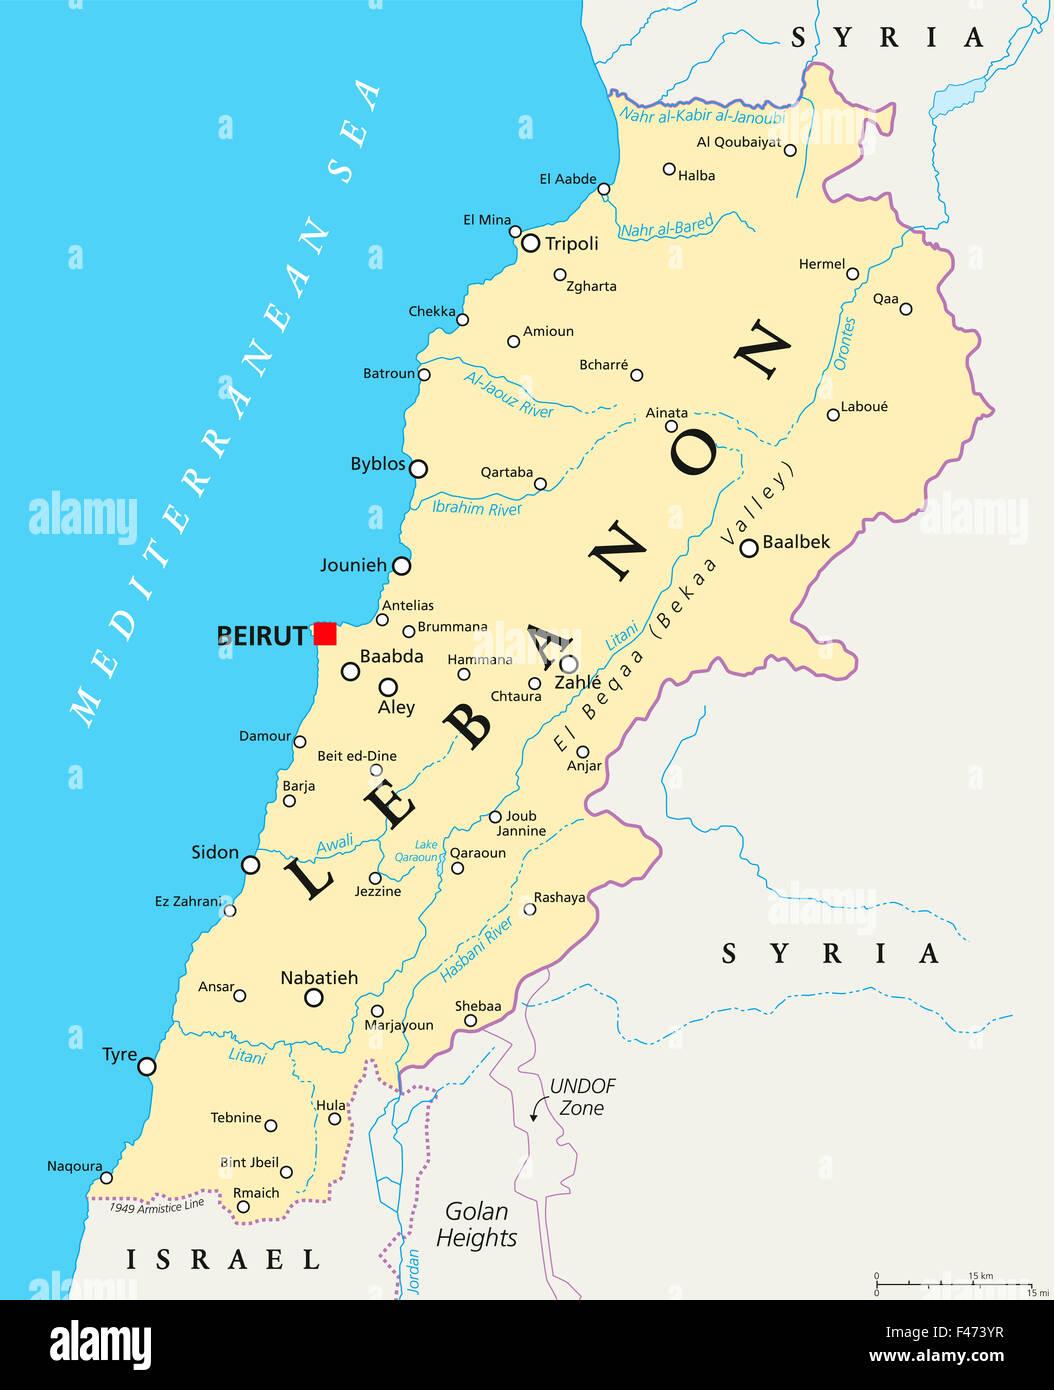 Cartina Libano E Israele.Il Libano Mappa Politico Con Capitale Beirut Confini Nazionali Importanti Citta Fiumi E Laghi Etichetta Inglese E La Scala Foto Stock Alamy